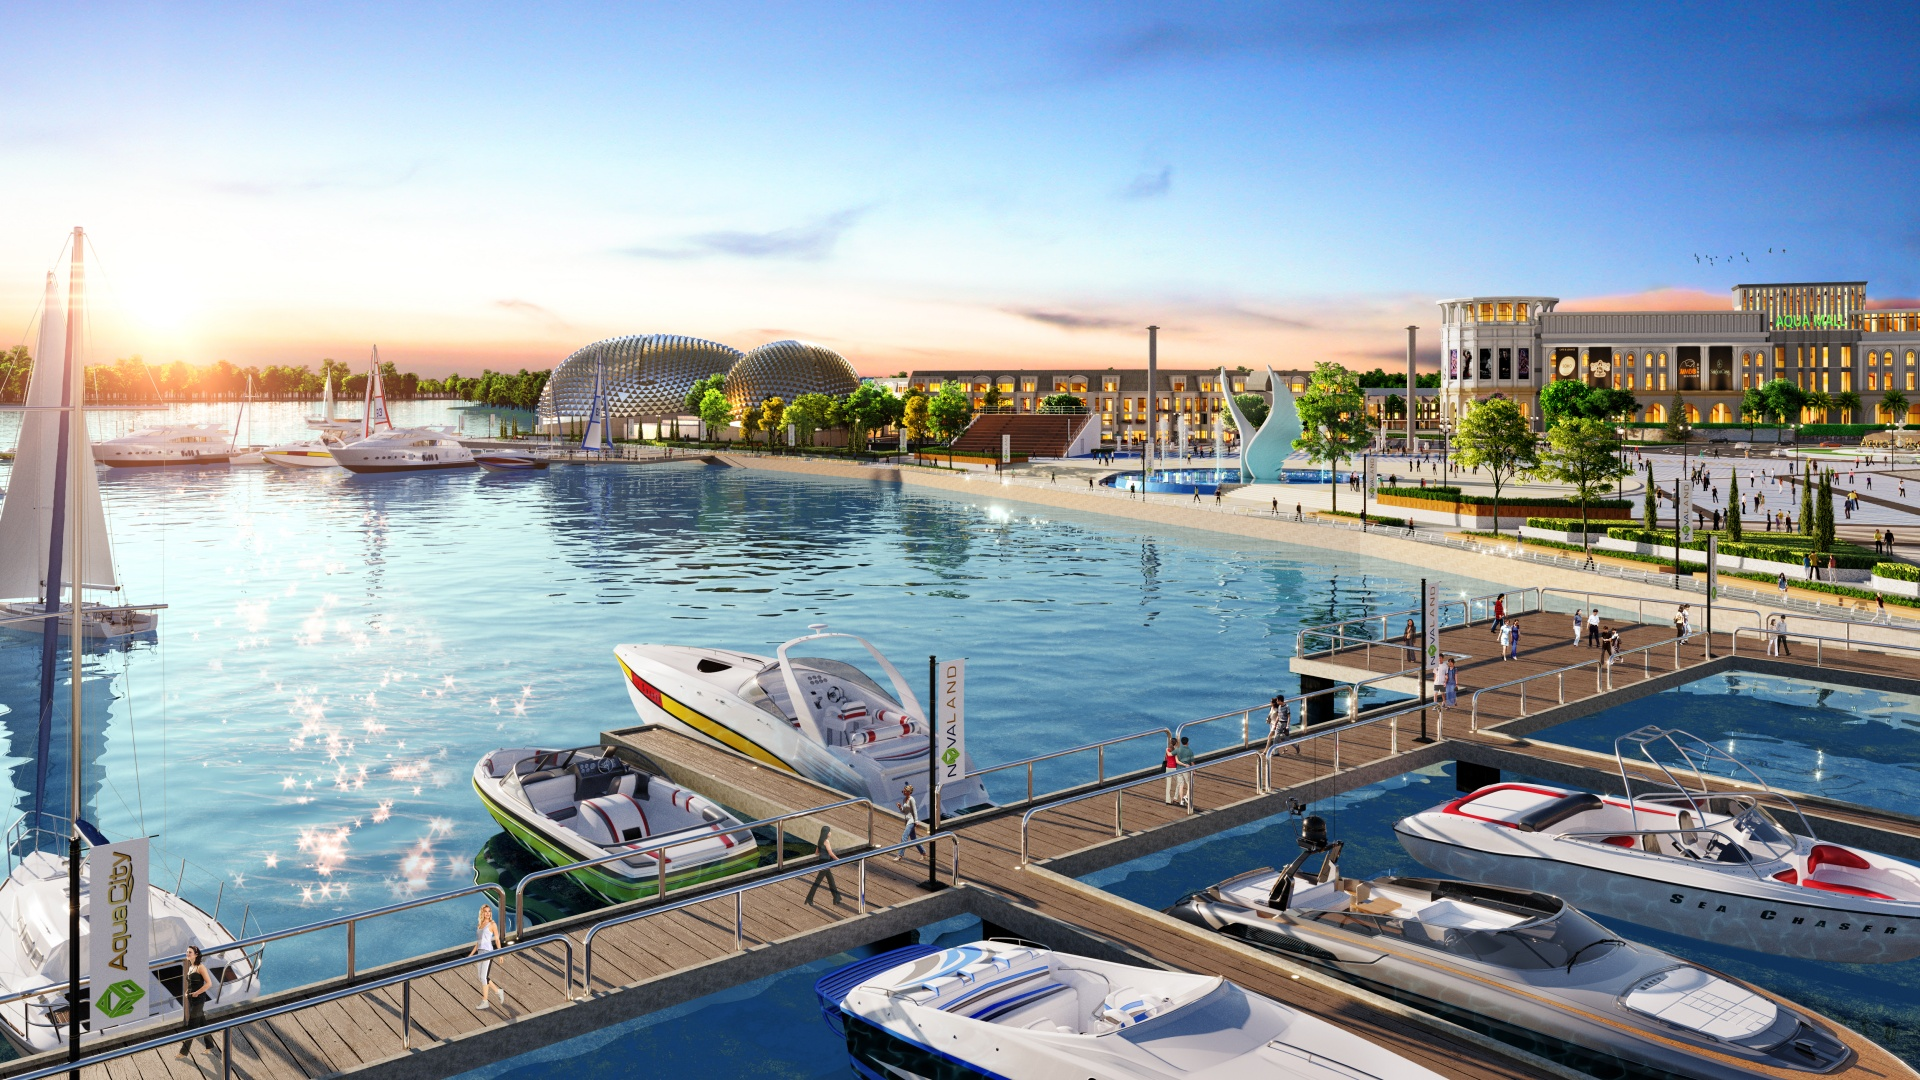 Anh Thơ nhận định tổ hợp Quảng trường - Bến du thuyền Aqua Marina được xem là điểm đến thỏa mãn lối sống đỉnh cao của cư dân và du khách.